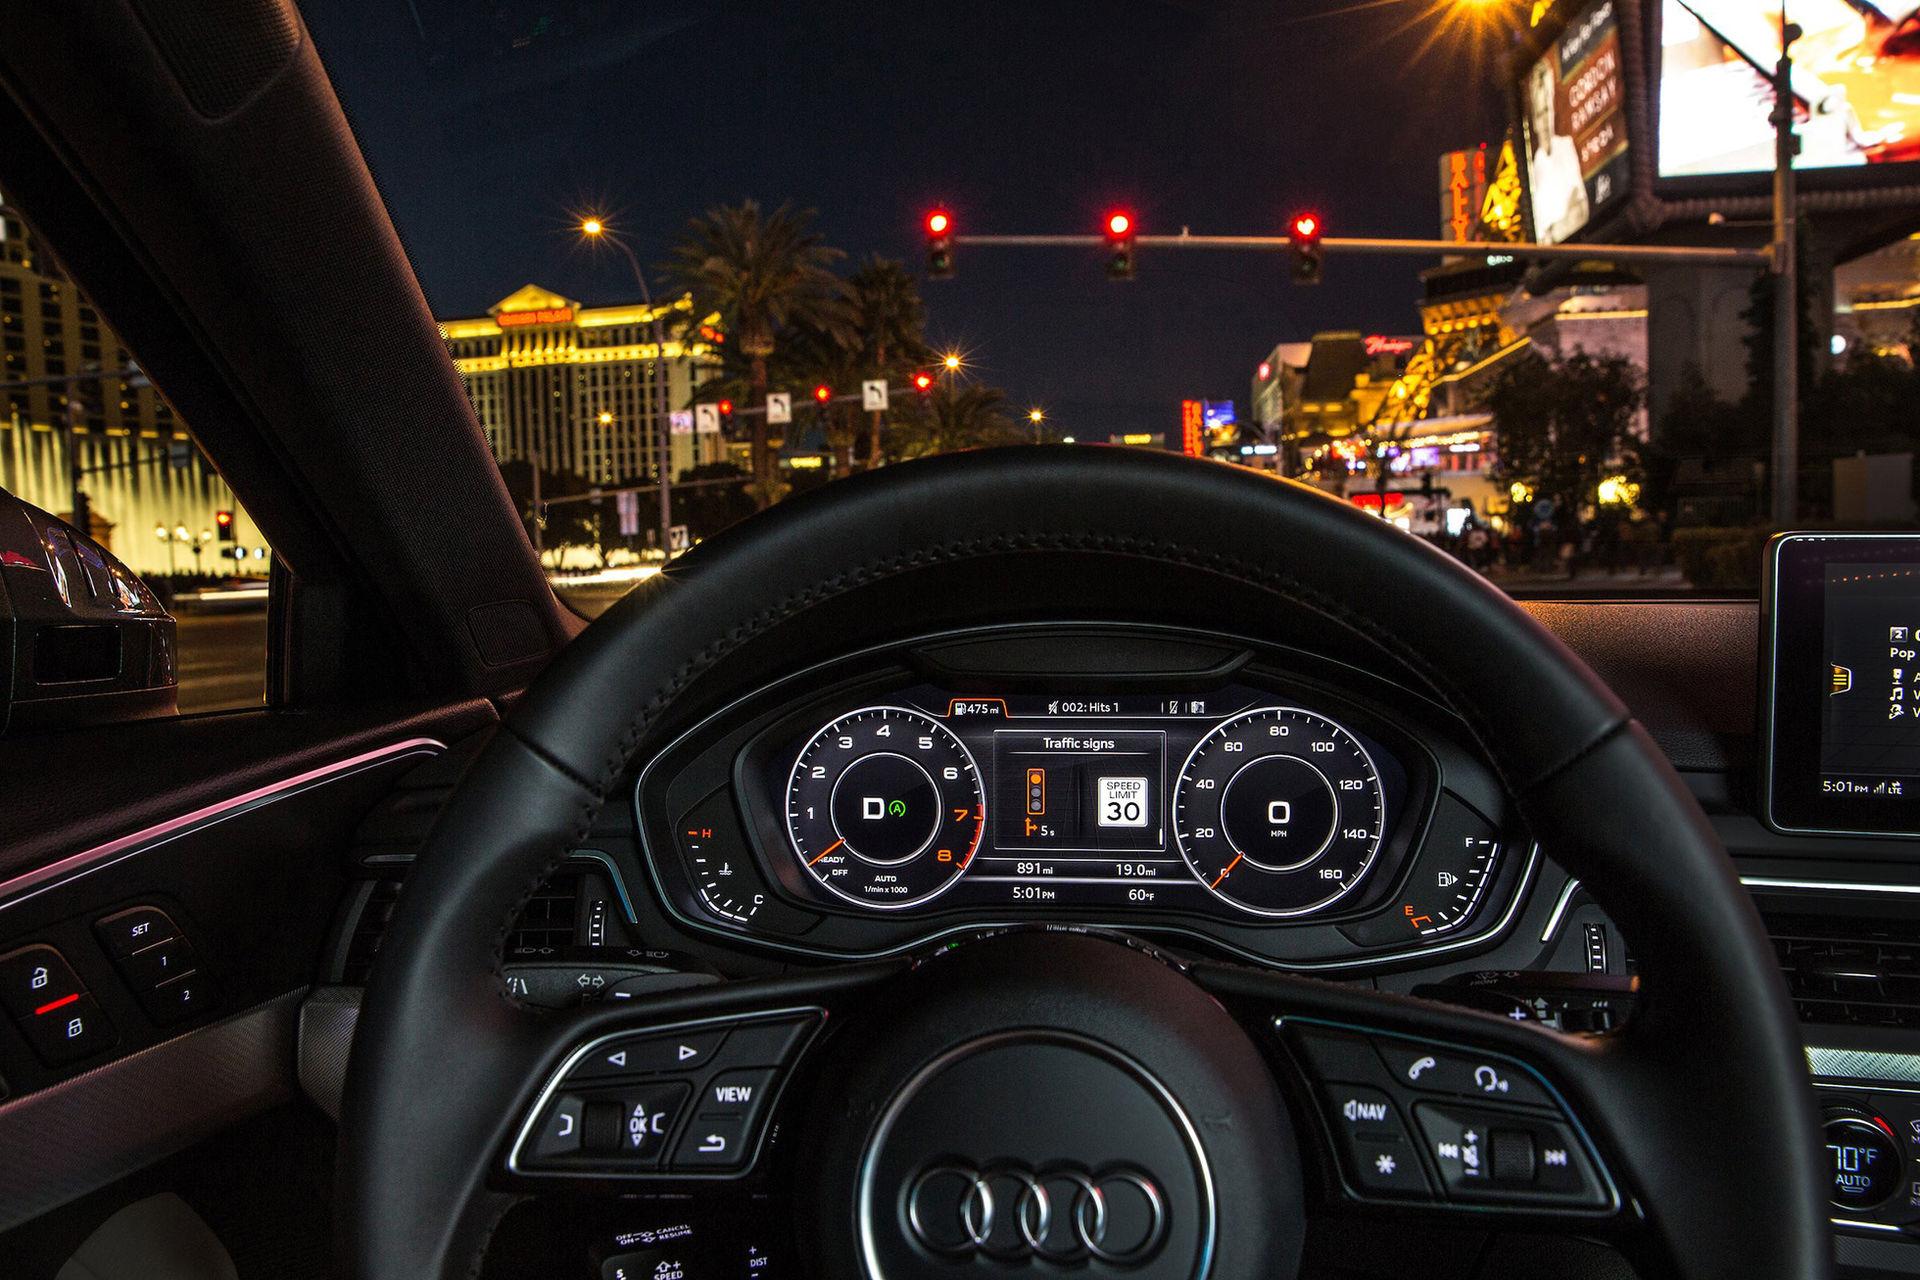 Audi-bilar kopplas till trafikljusen